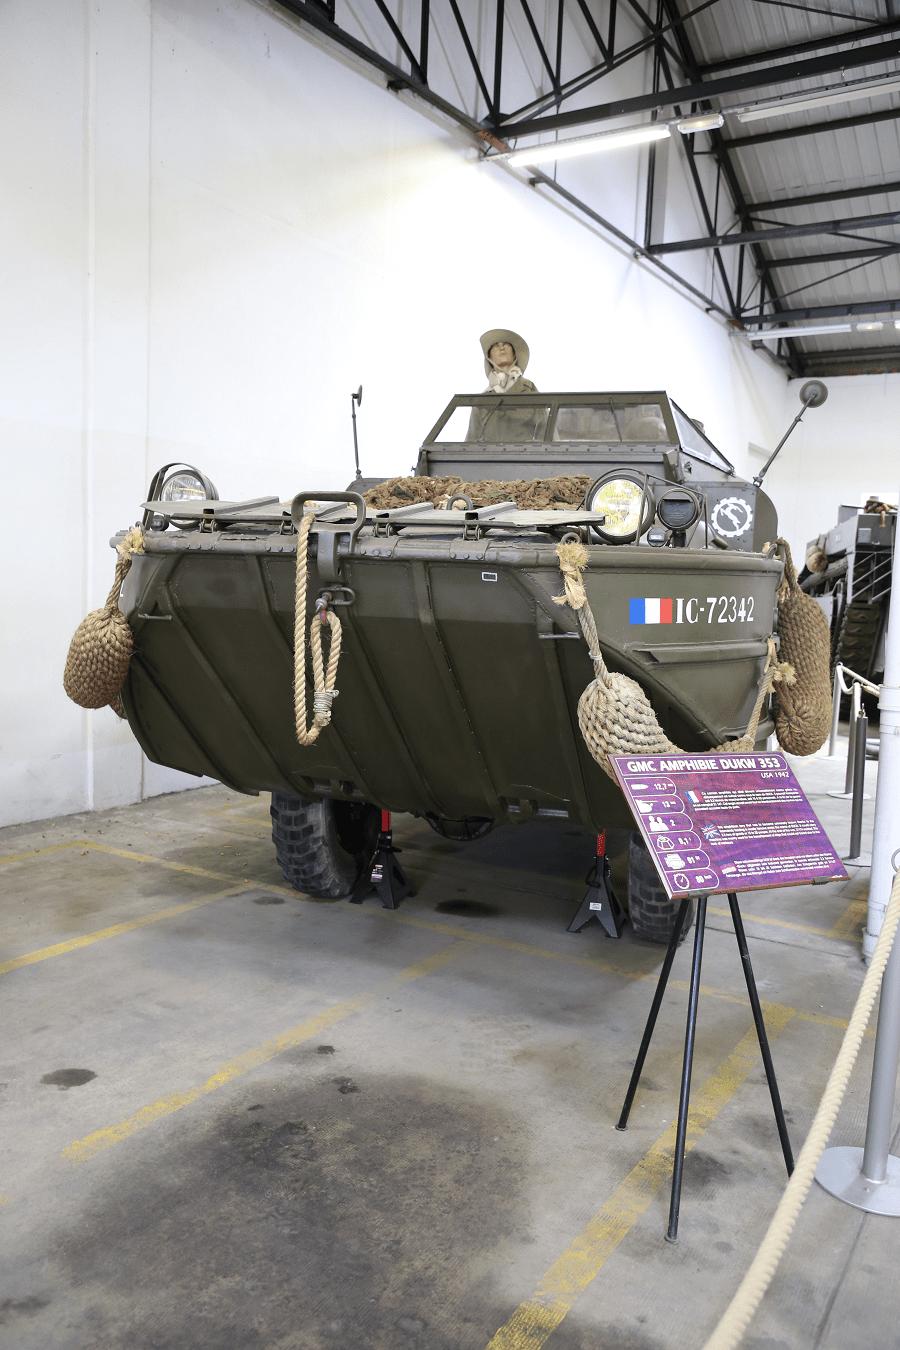 GMC DUKW 353 - амфибия времен Второй мировой войны